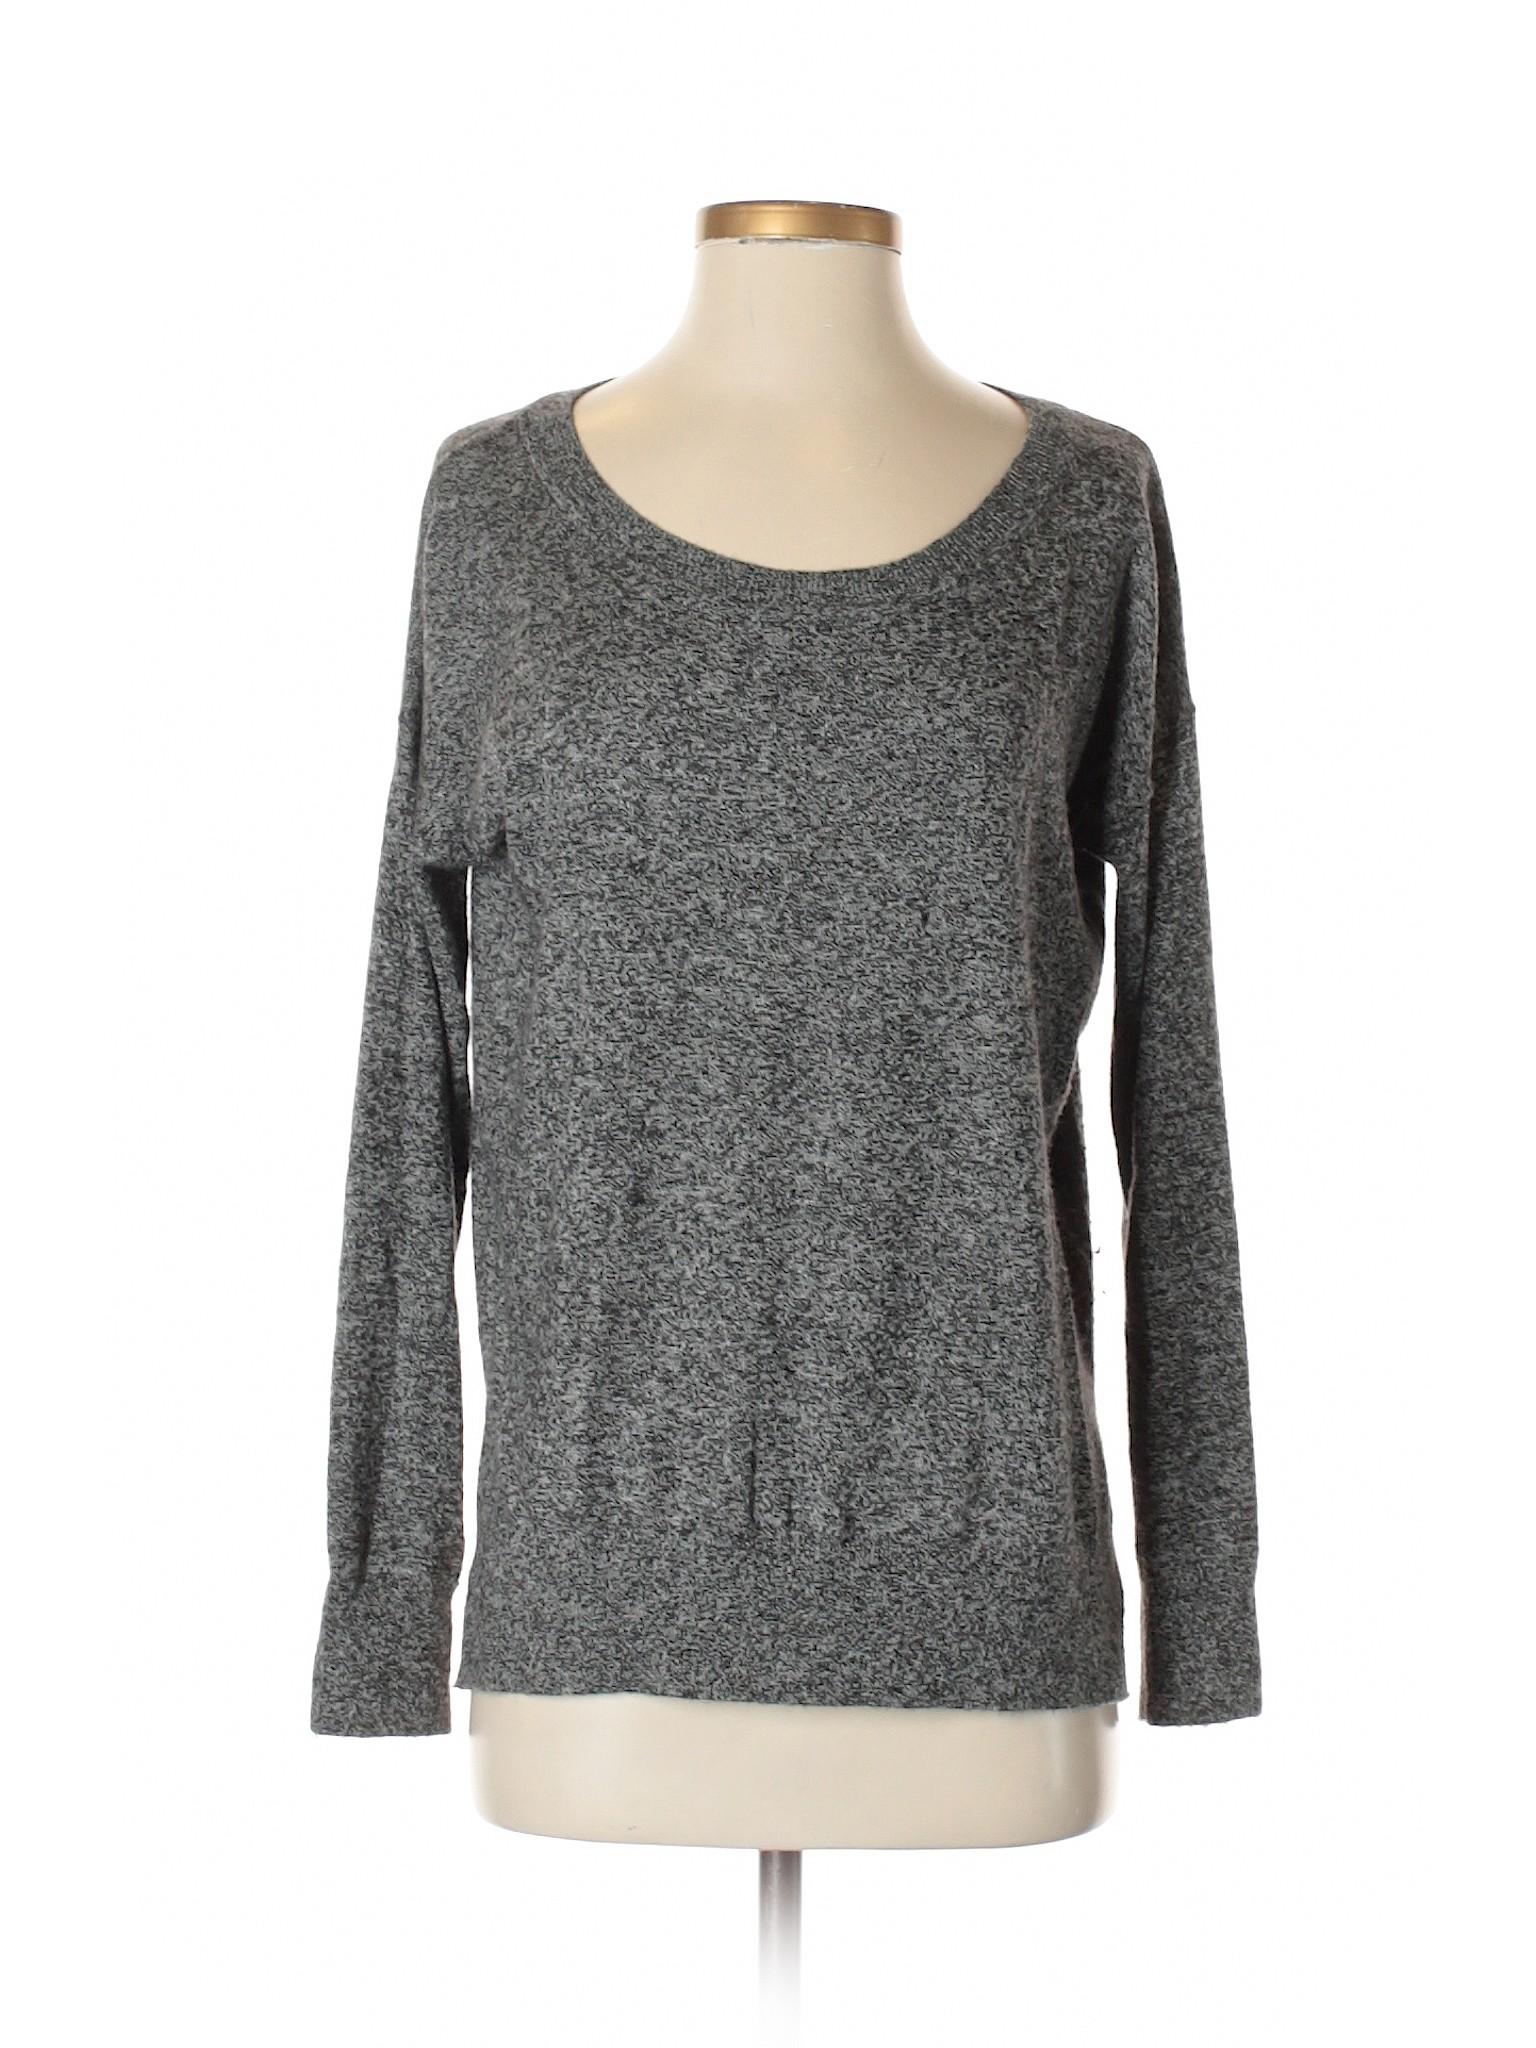 Pullover Boutique Gap winter Boutique winter Sweater w6nIqTUU